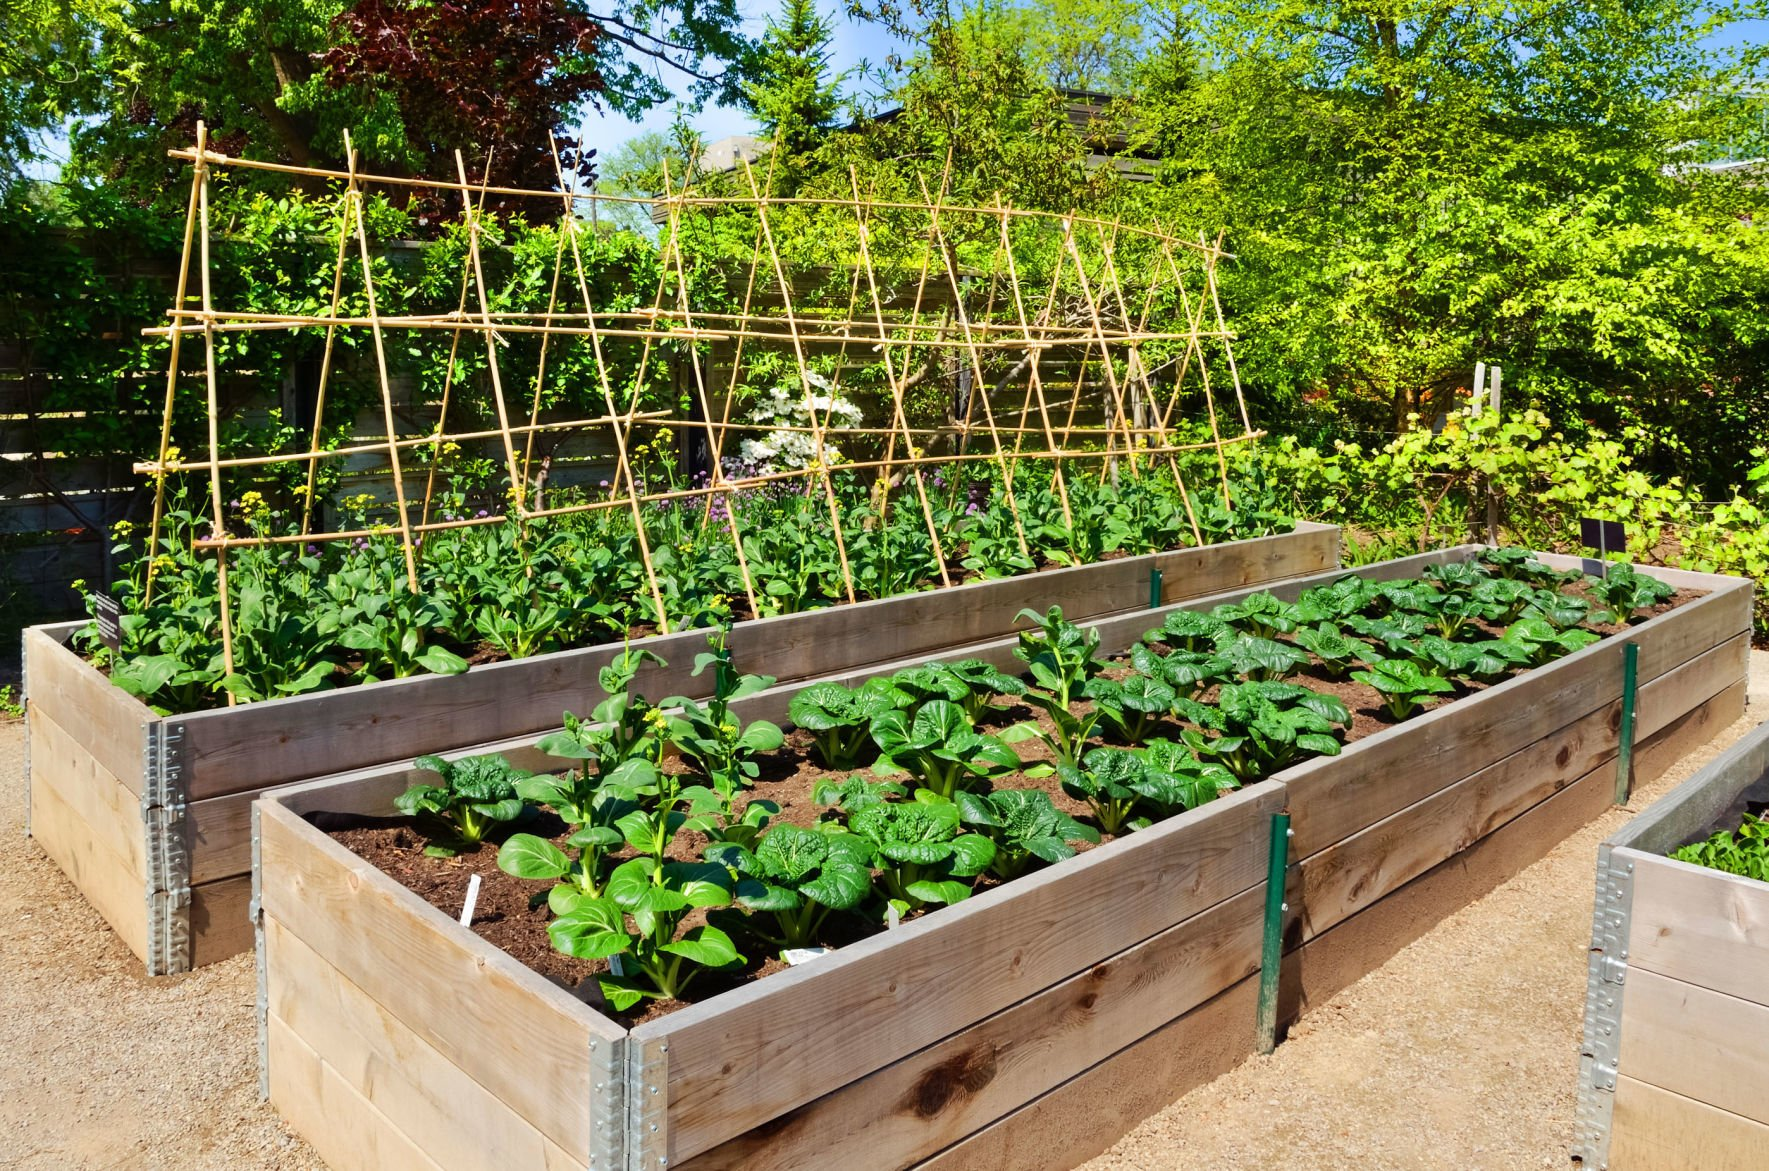 Dirty Fingernails Raised Beds Can Make Gardening Easier Home Garden Ravallirepublic Com